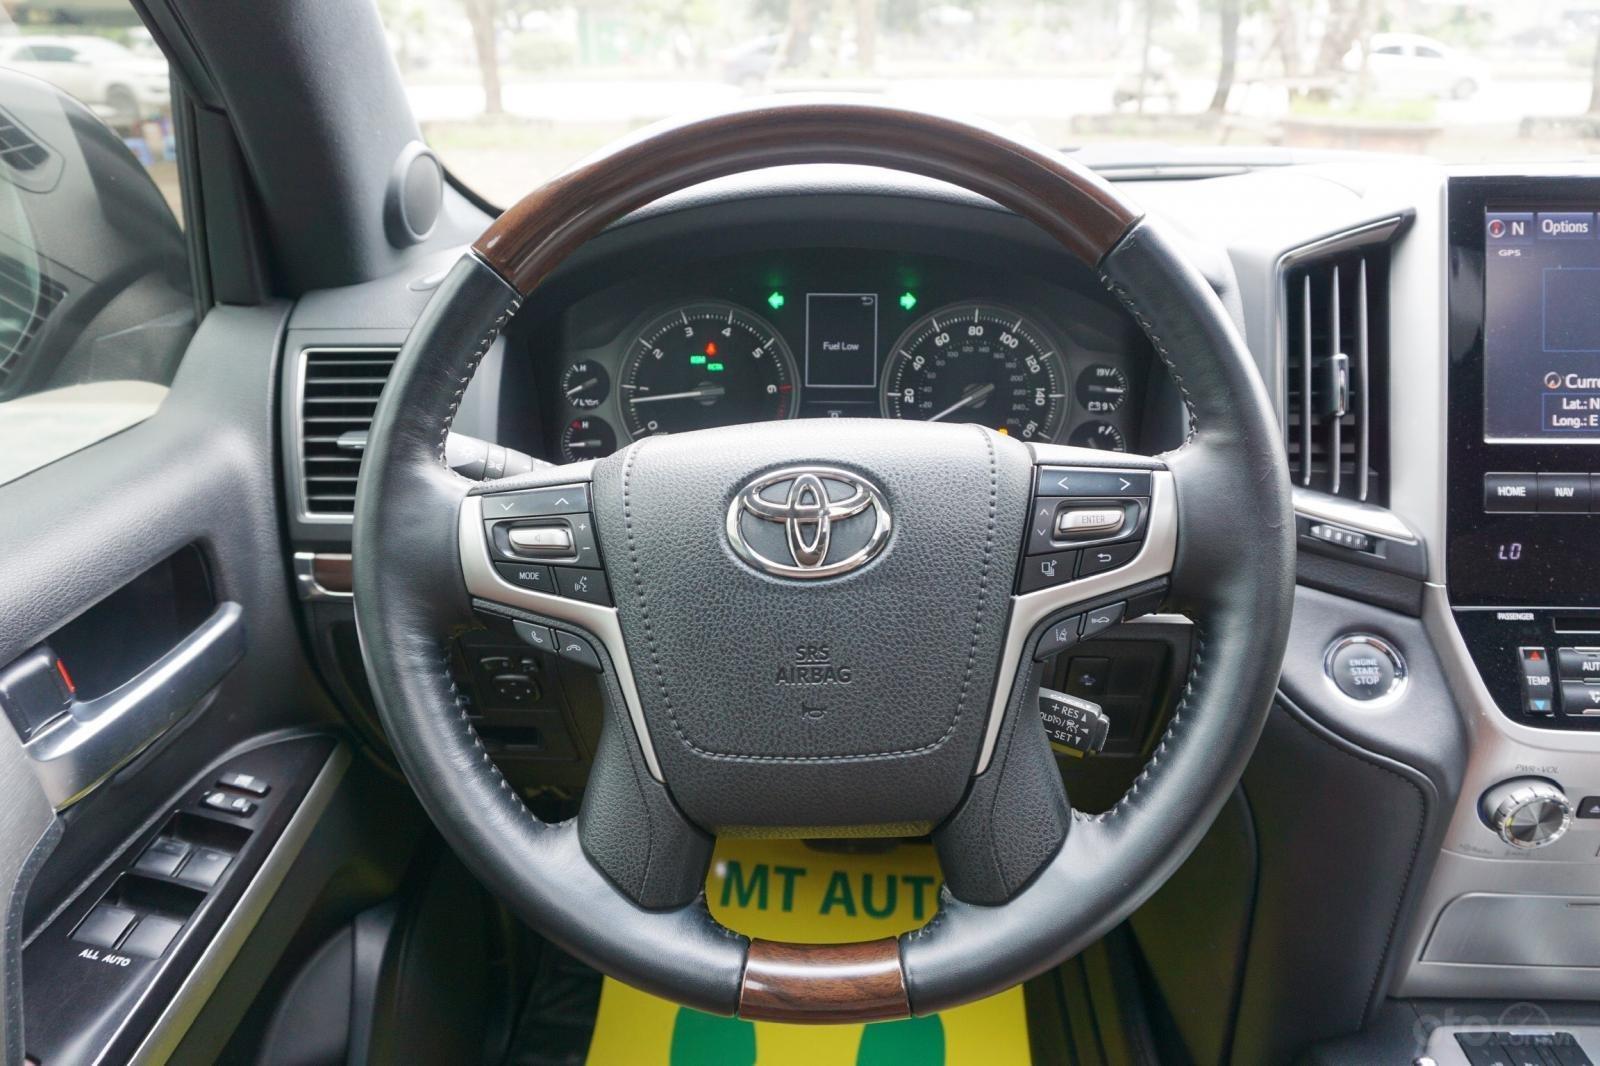 Bán Toyota Land Cruiser 5.7 2015, màu đen, xe nhập Mỹ, LH Ms Hương 094.539.2468 (10)